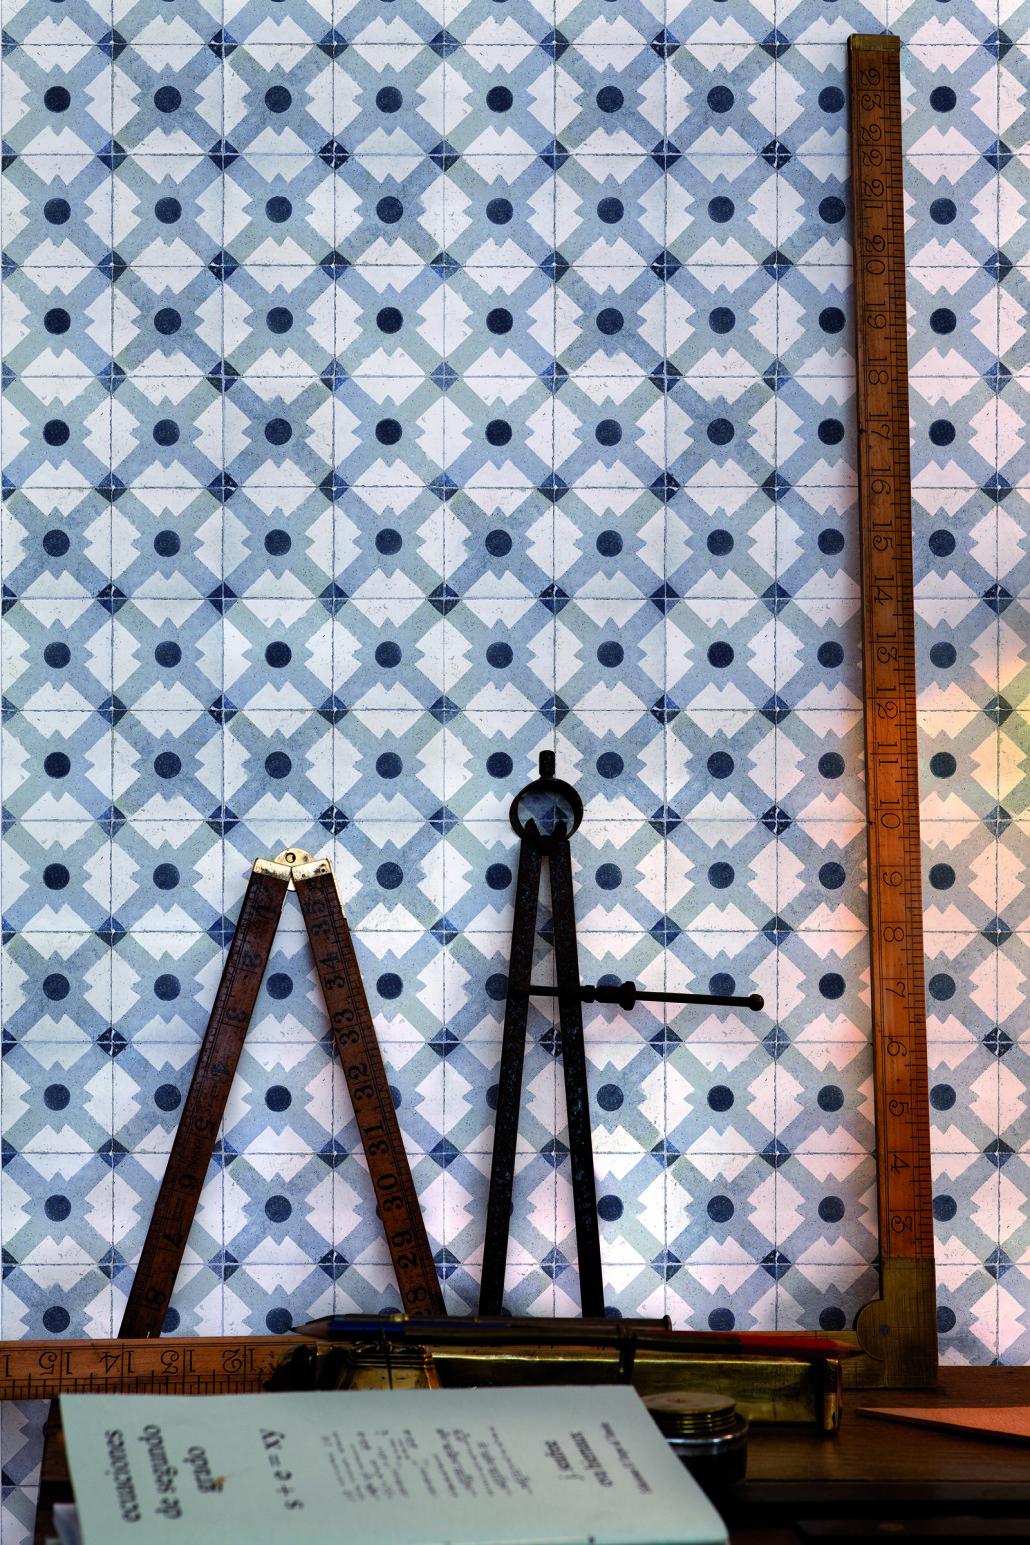 Papier peint saint maclou for Papier peint carreaux de ciment 4 murs